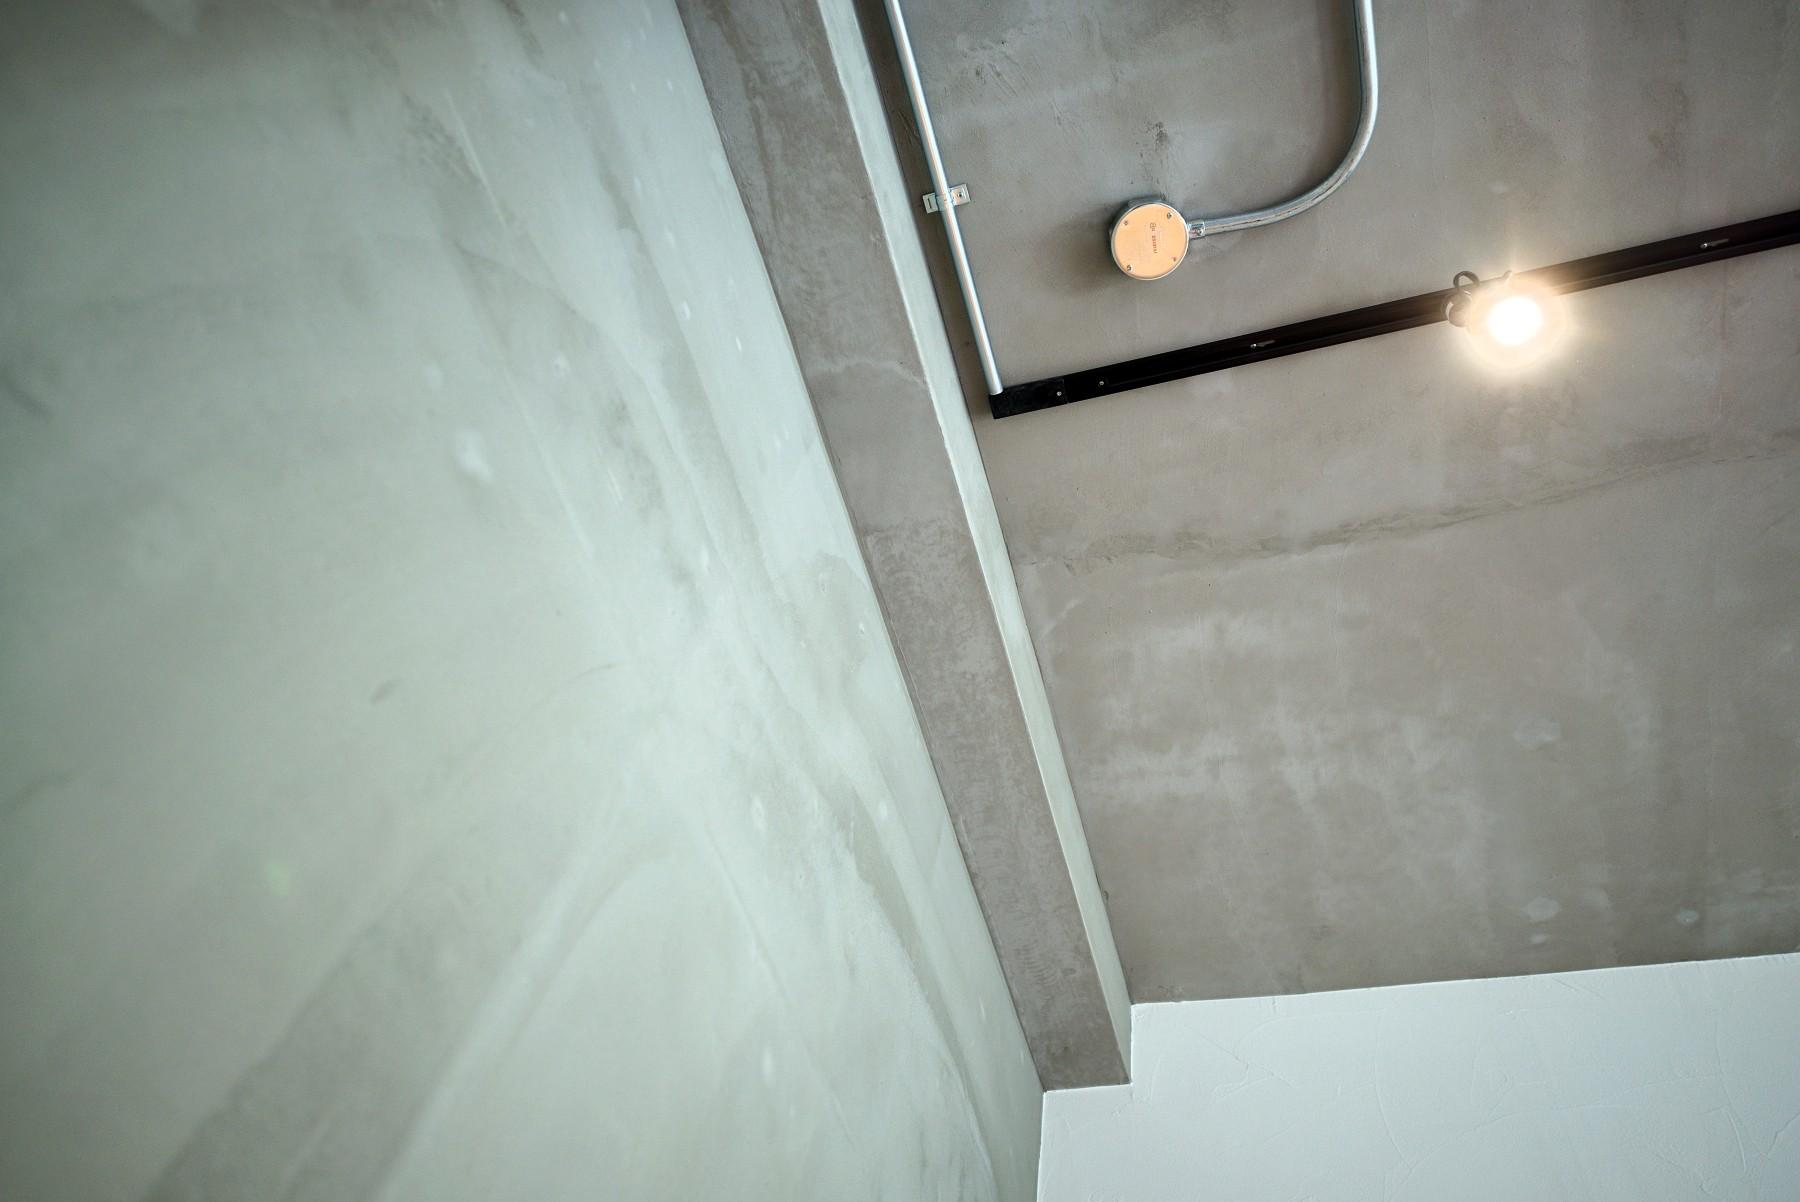 リビングダイニング事例:素材感のある壁・天井(壁・天井もキッチンカウンターもモルタル仕上げの無骨でラフなマンションリノベーション)